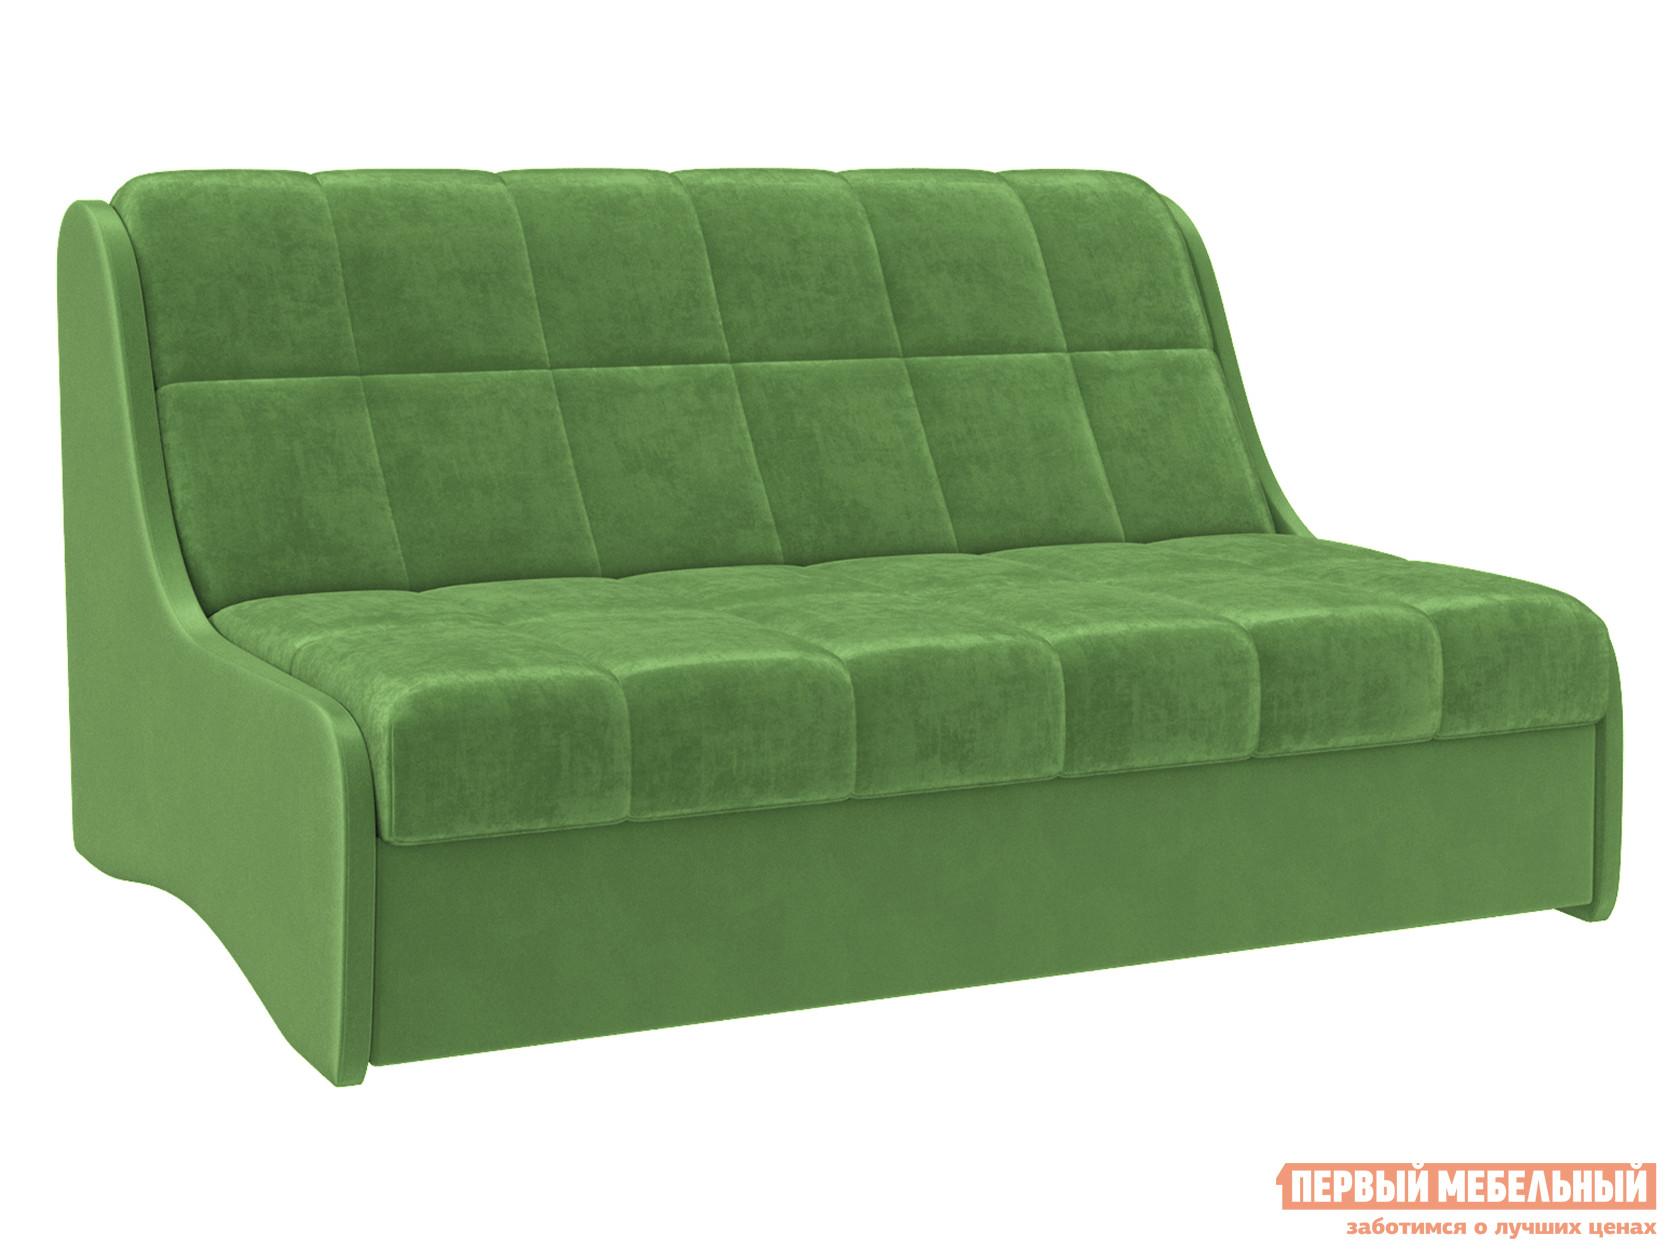 Прямой диван  Диван Токио Зеленый, велюр, 120х200 см, Независимый пружинный блок — Диван Токио Зеленый, велюр, 120х200 см, Независимый пружинный блок